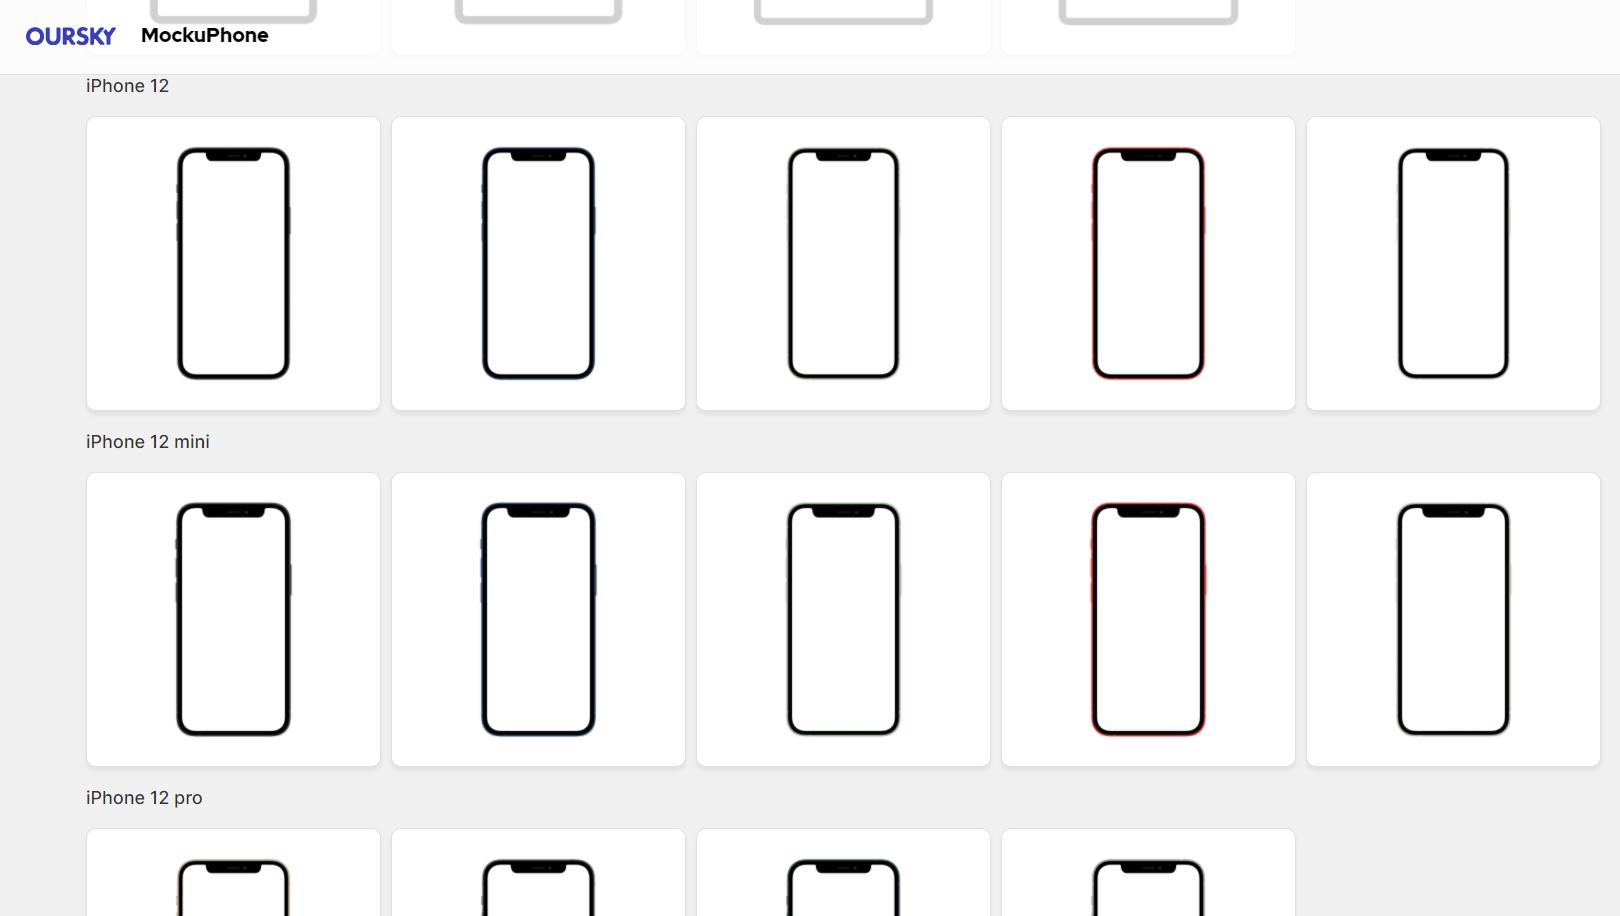 תוכנת עיצוב MobkuPhone לאנשי שיווק דיגיטלי